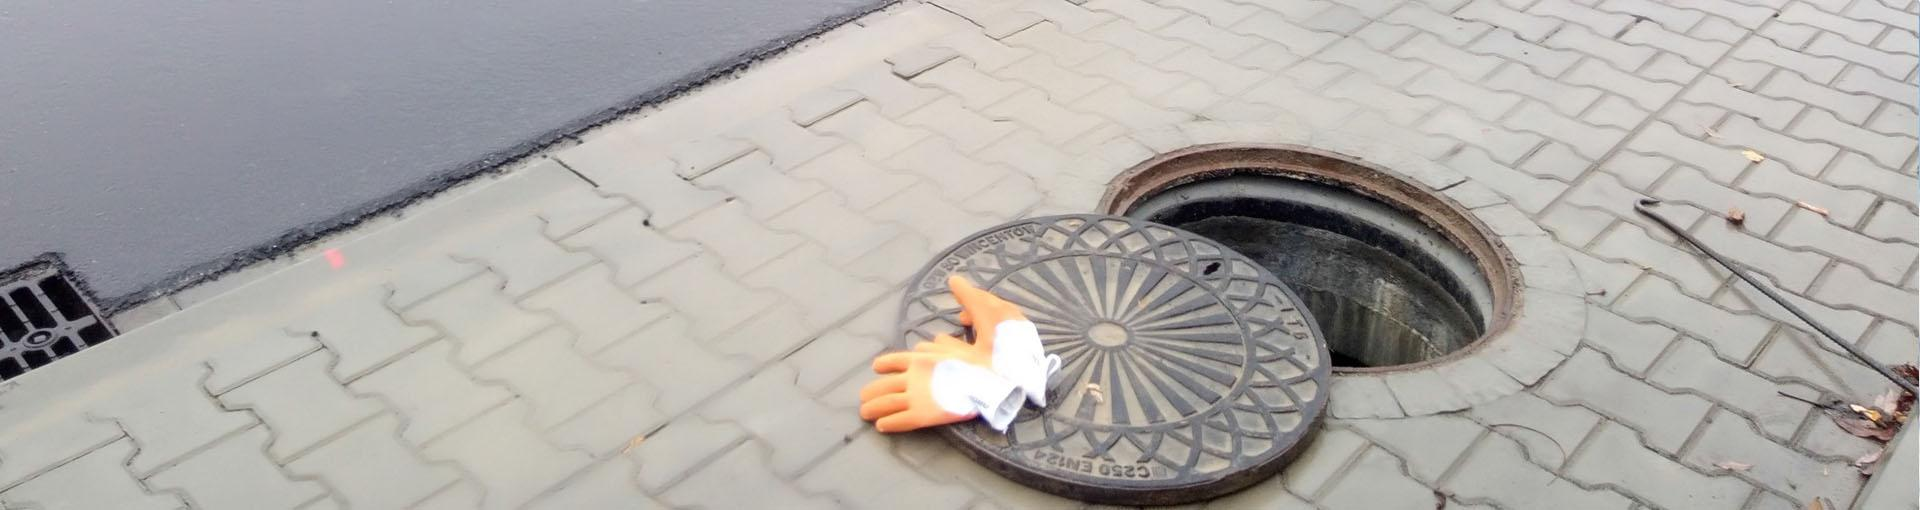 Studzienka kanalizacyjna